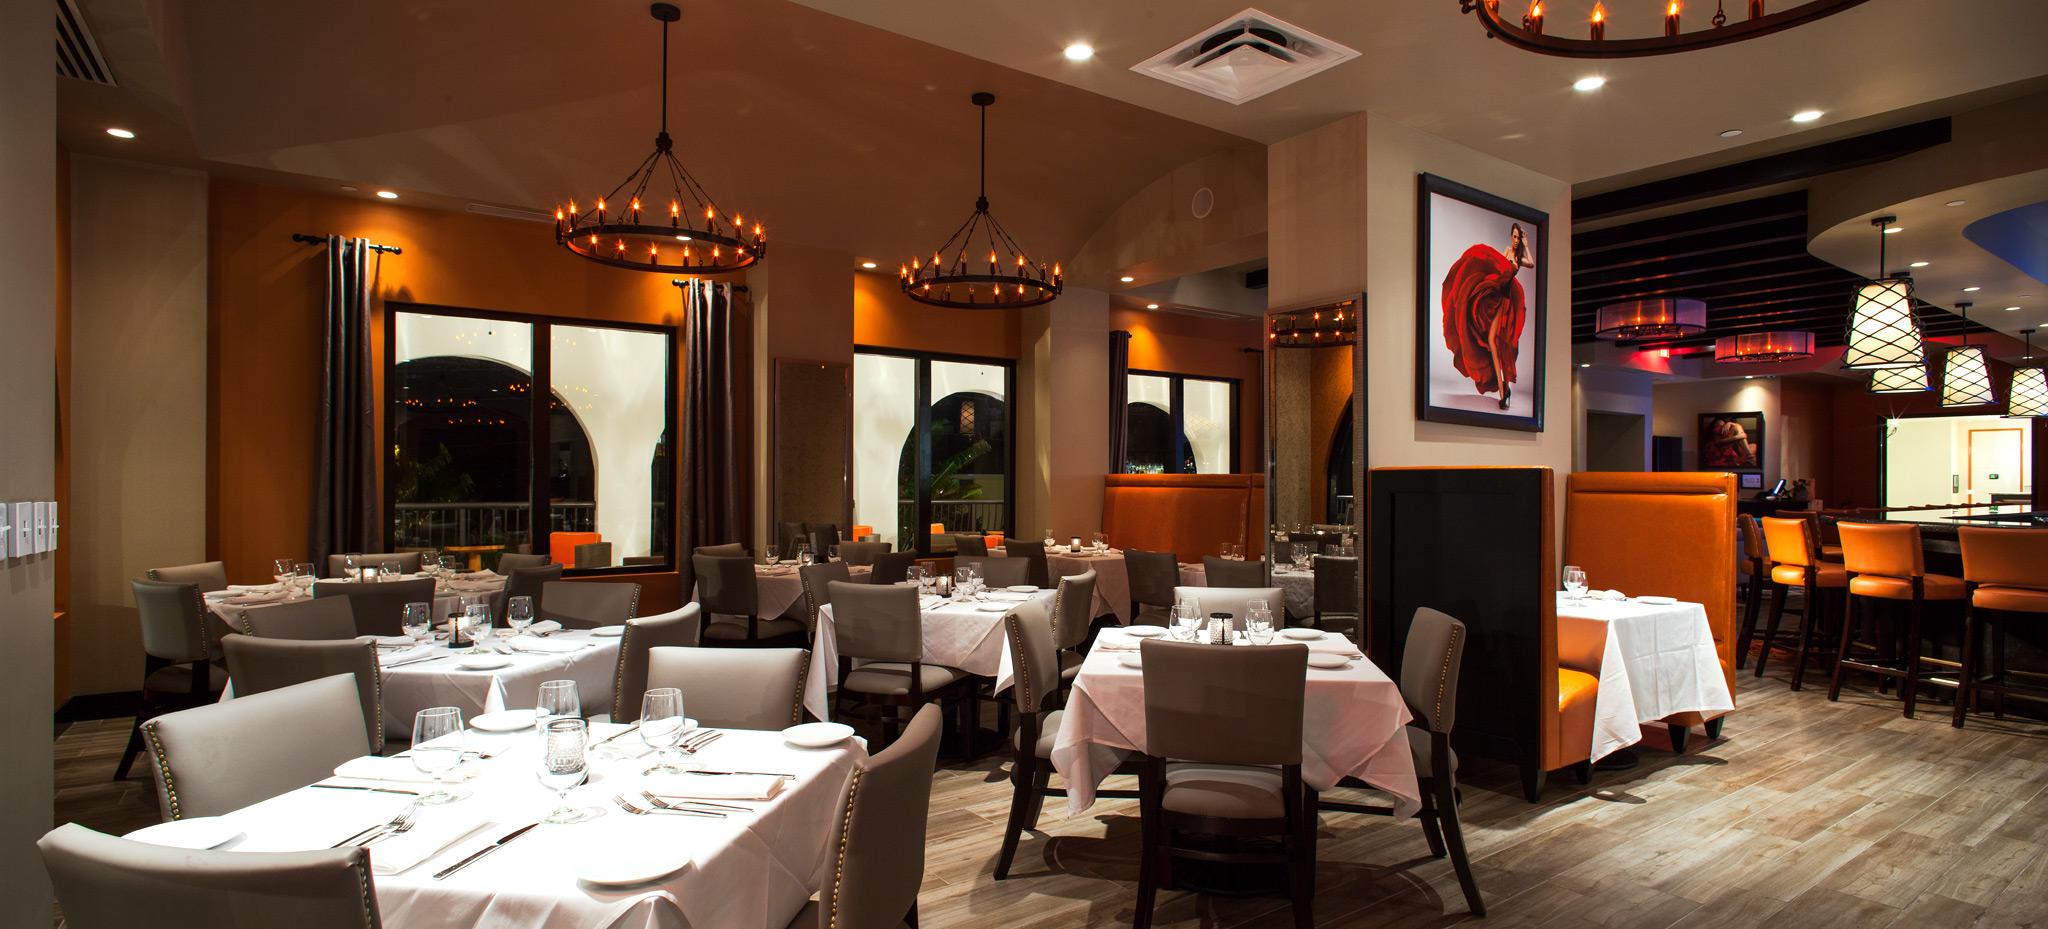 Castile Restaurant